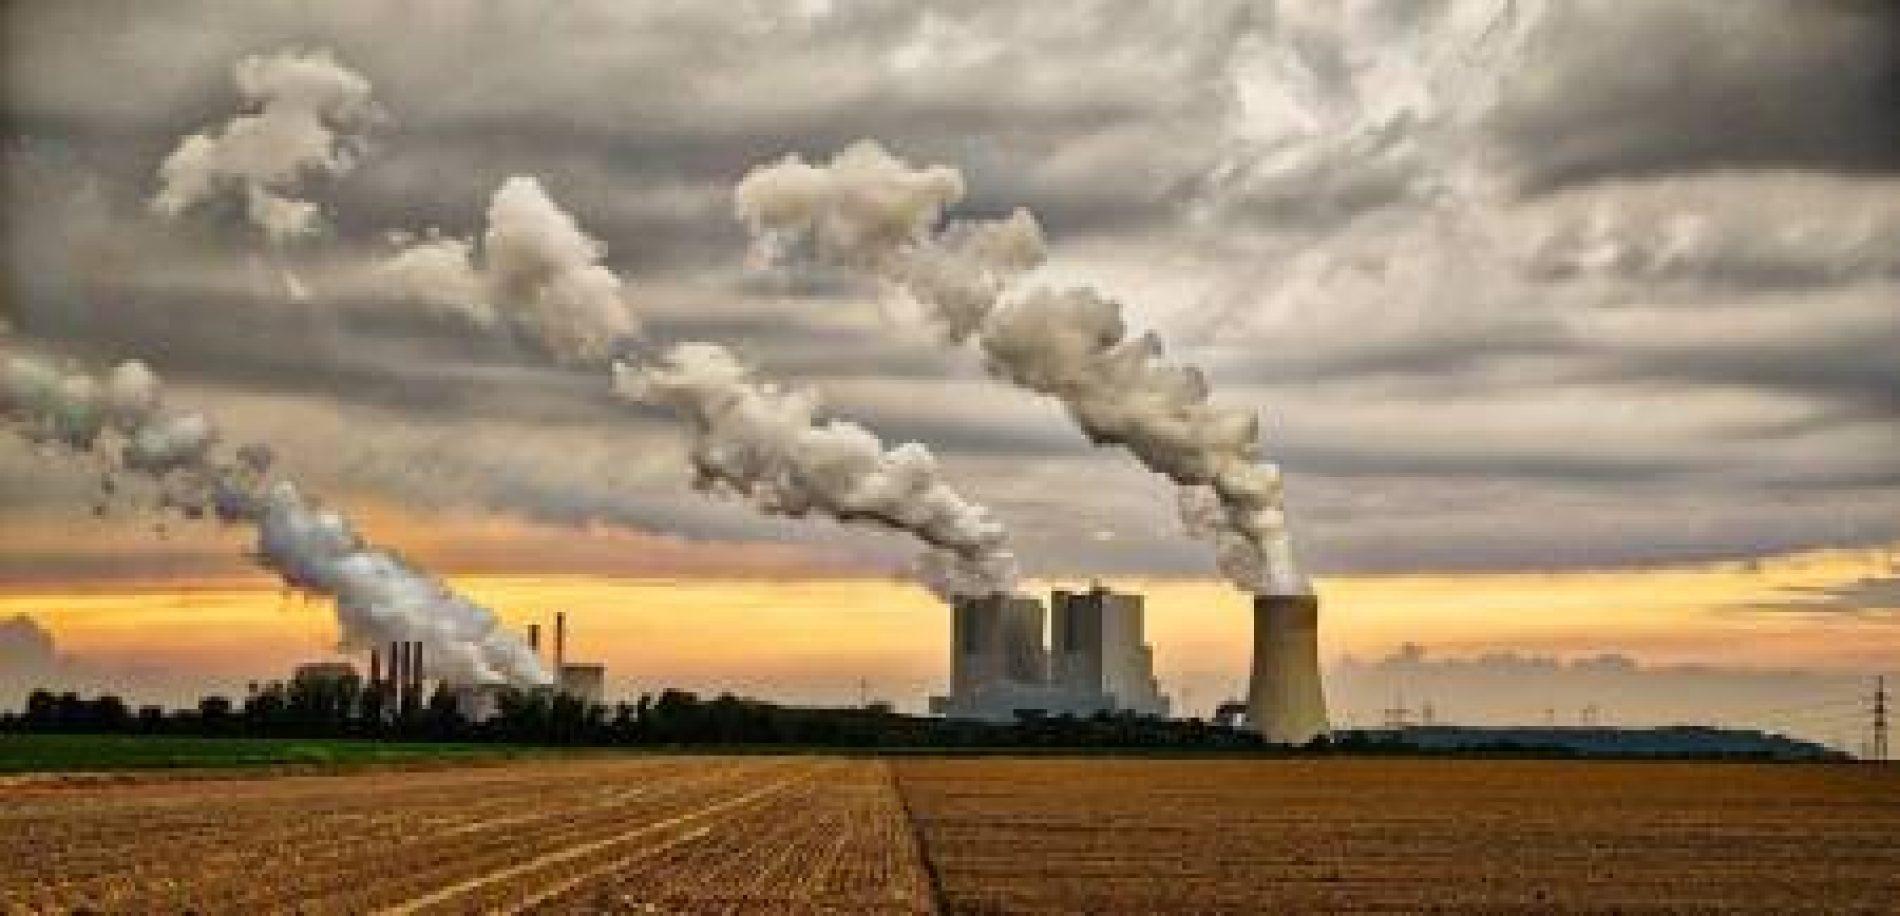 Changement climatique : la moitié des points de non-retour atteints plus vite que prévu